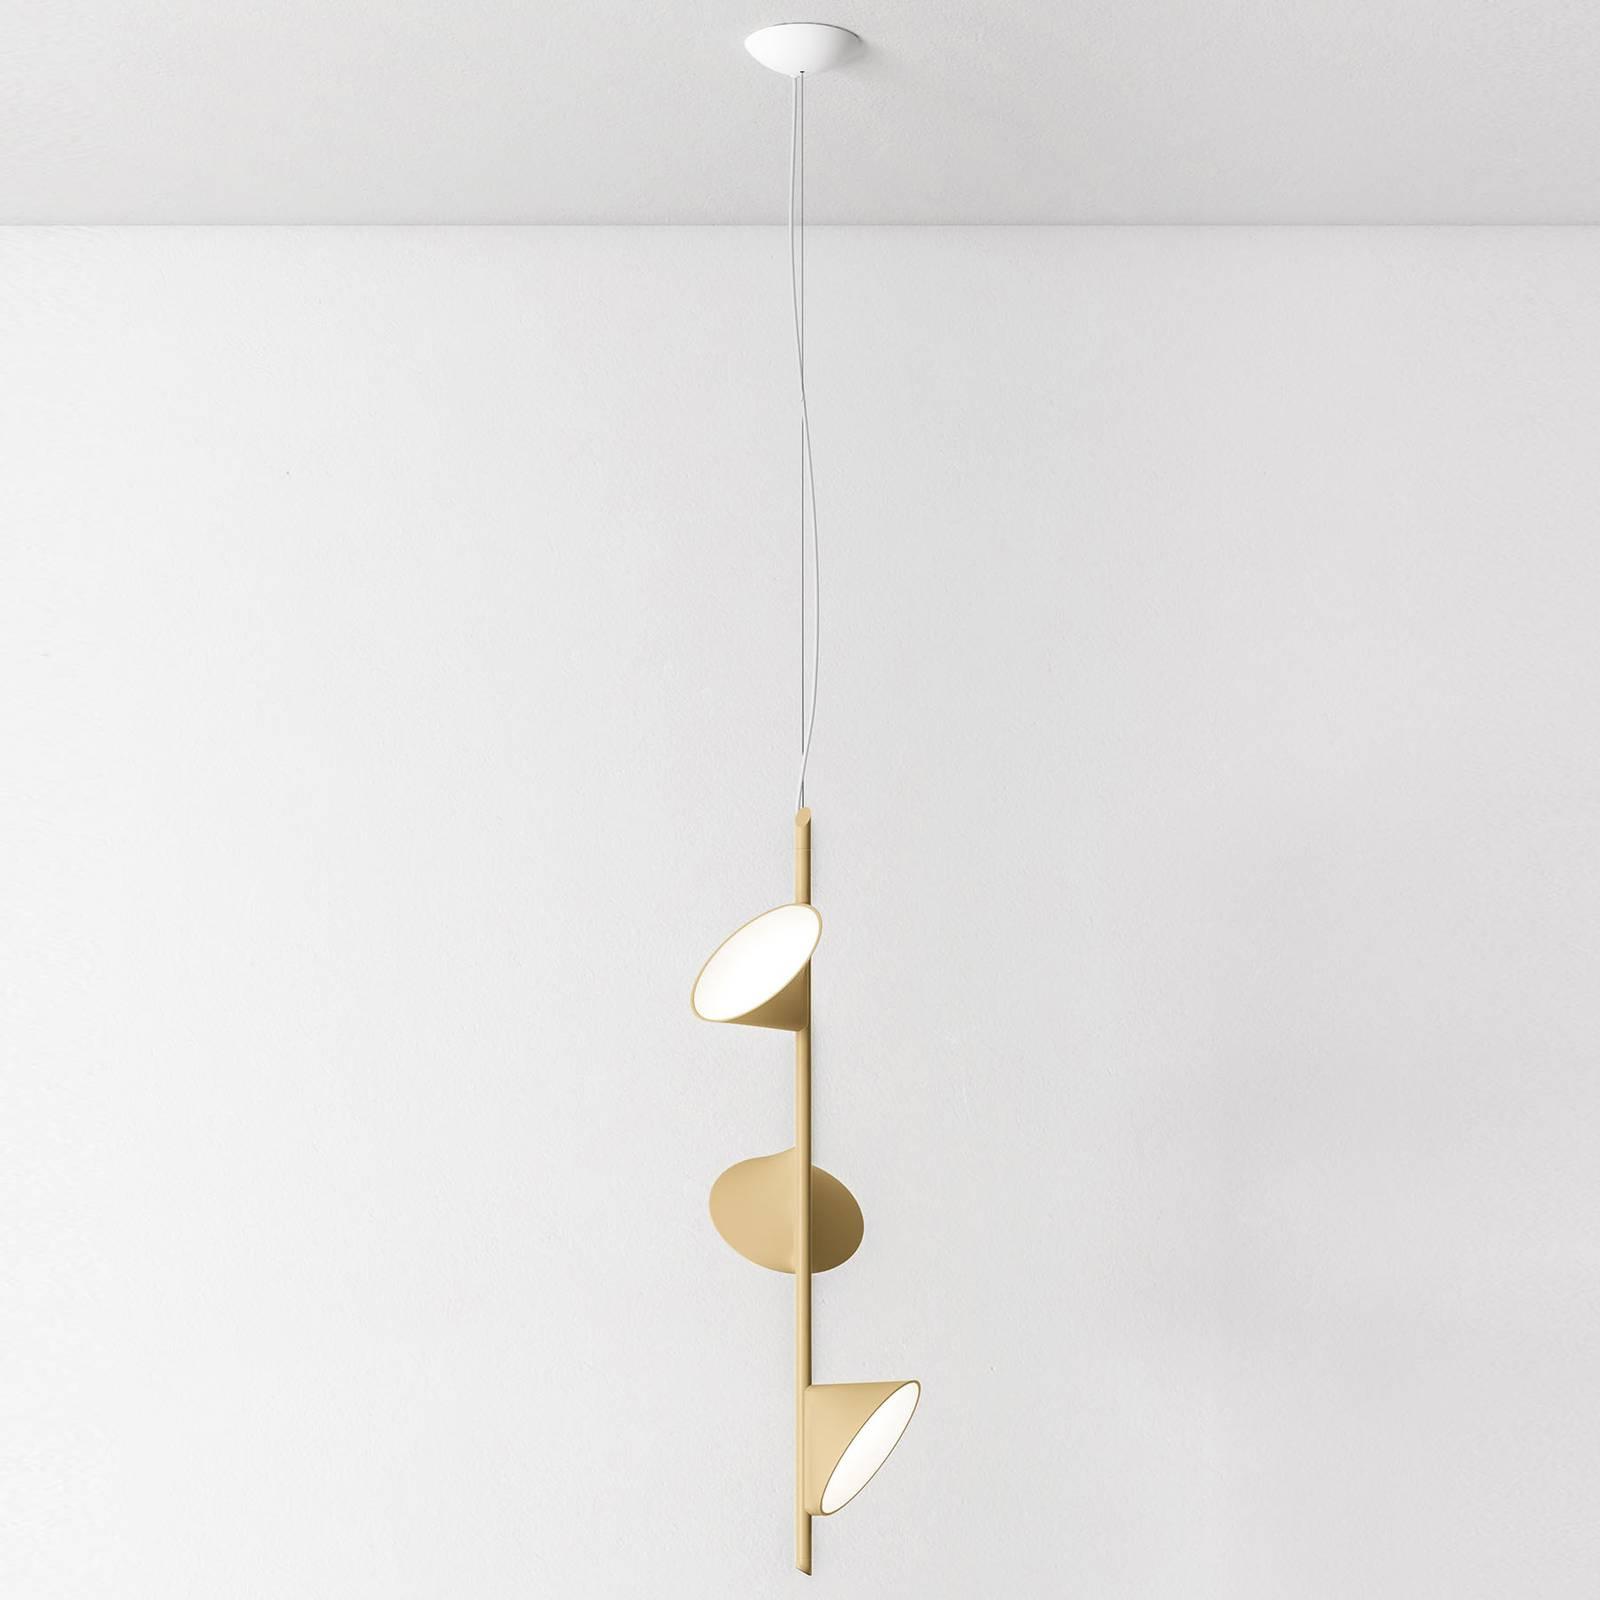 Axolight Orchid LED-riippulamppu 3 lampp. hiekka